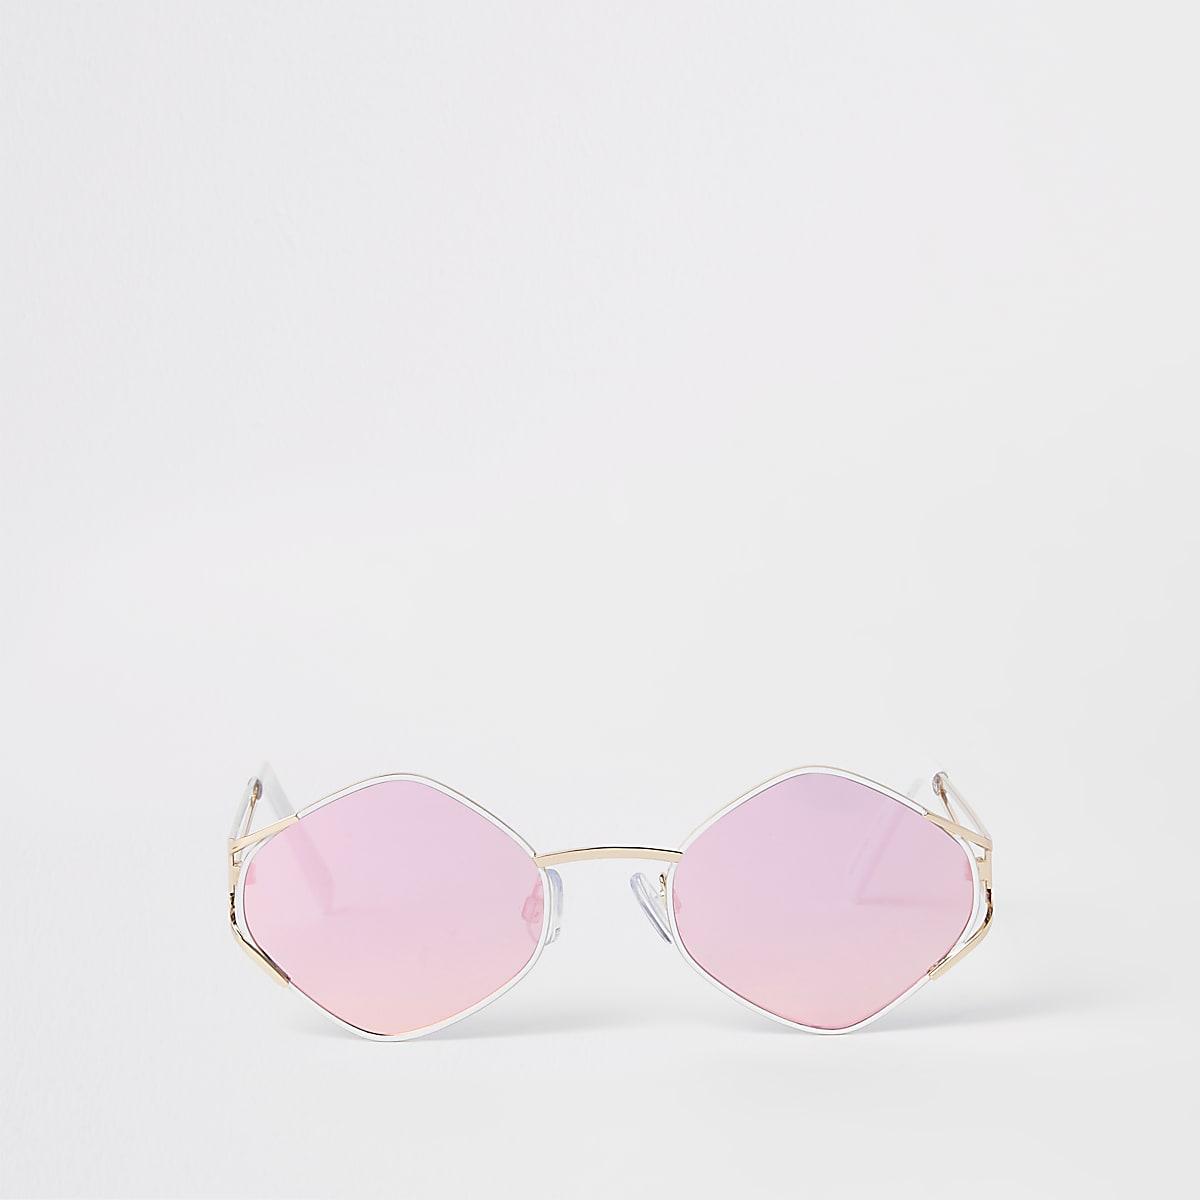 Revo smalle zonnnebril met goudkleurige zeshoekige glazen